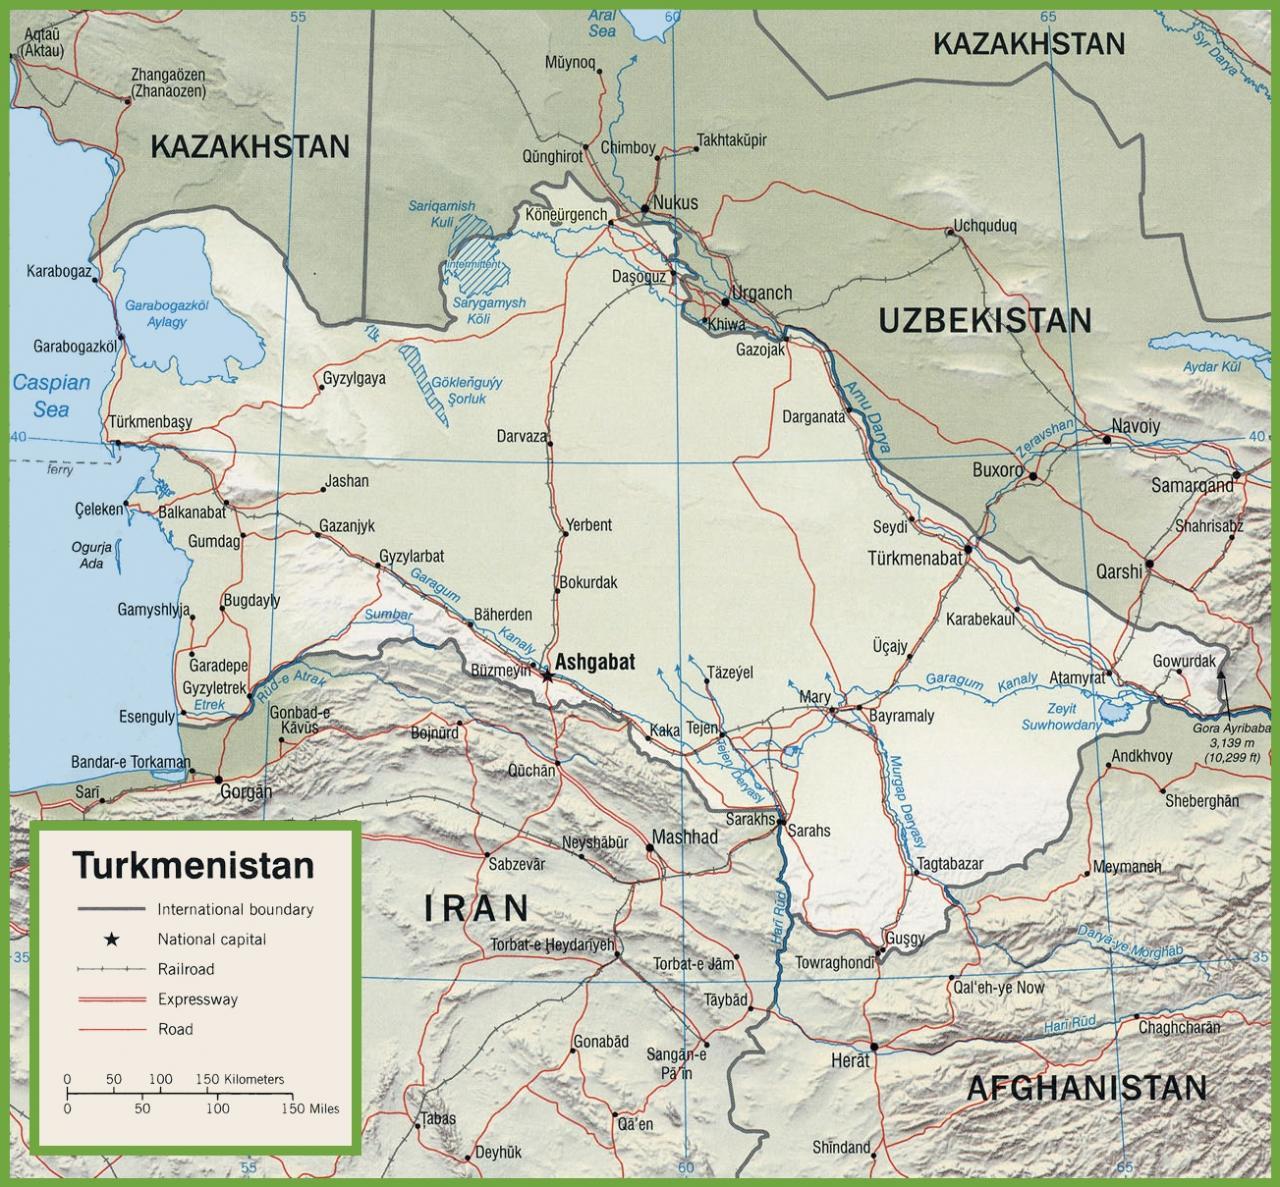 خريطة تركمانستان التفصيلية